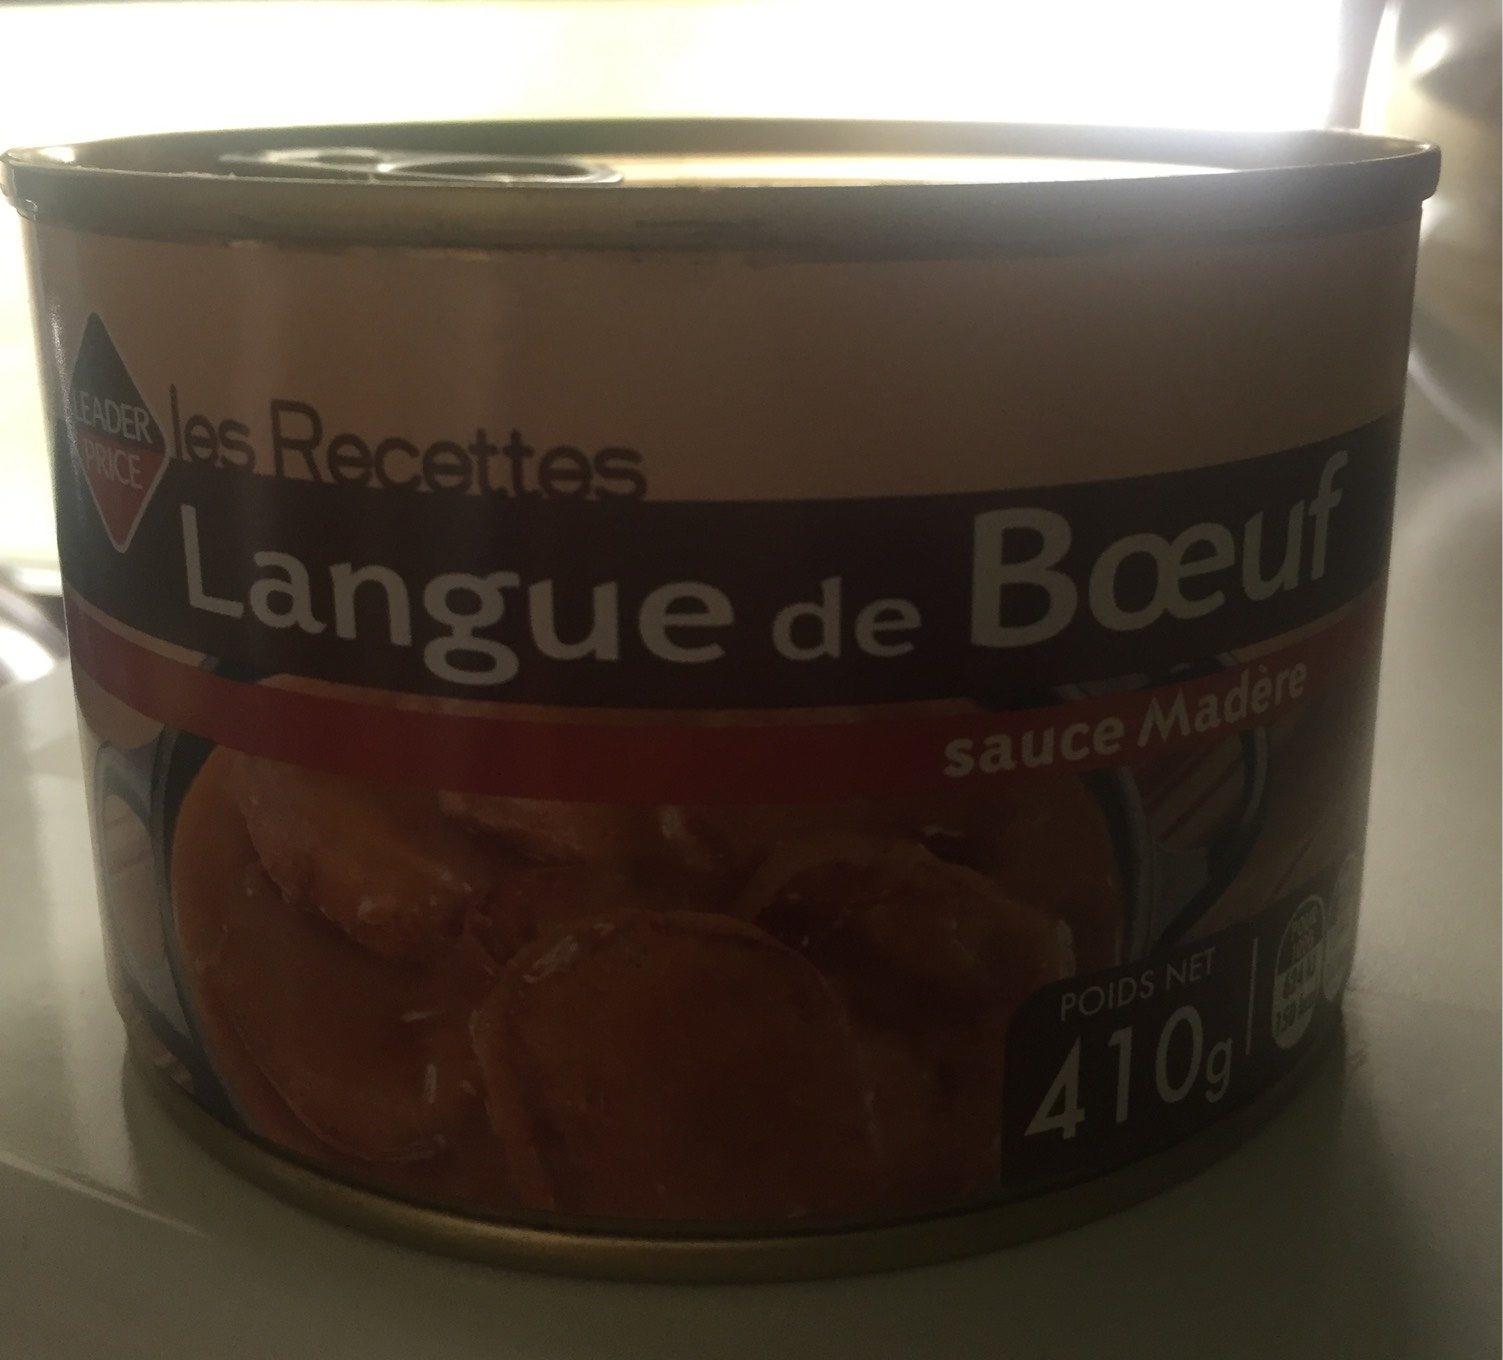 Langue de boeuf sauce madere - Produit